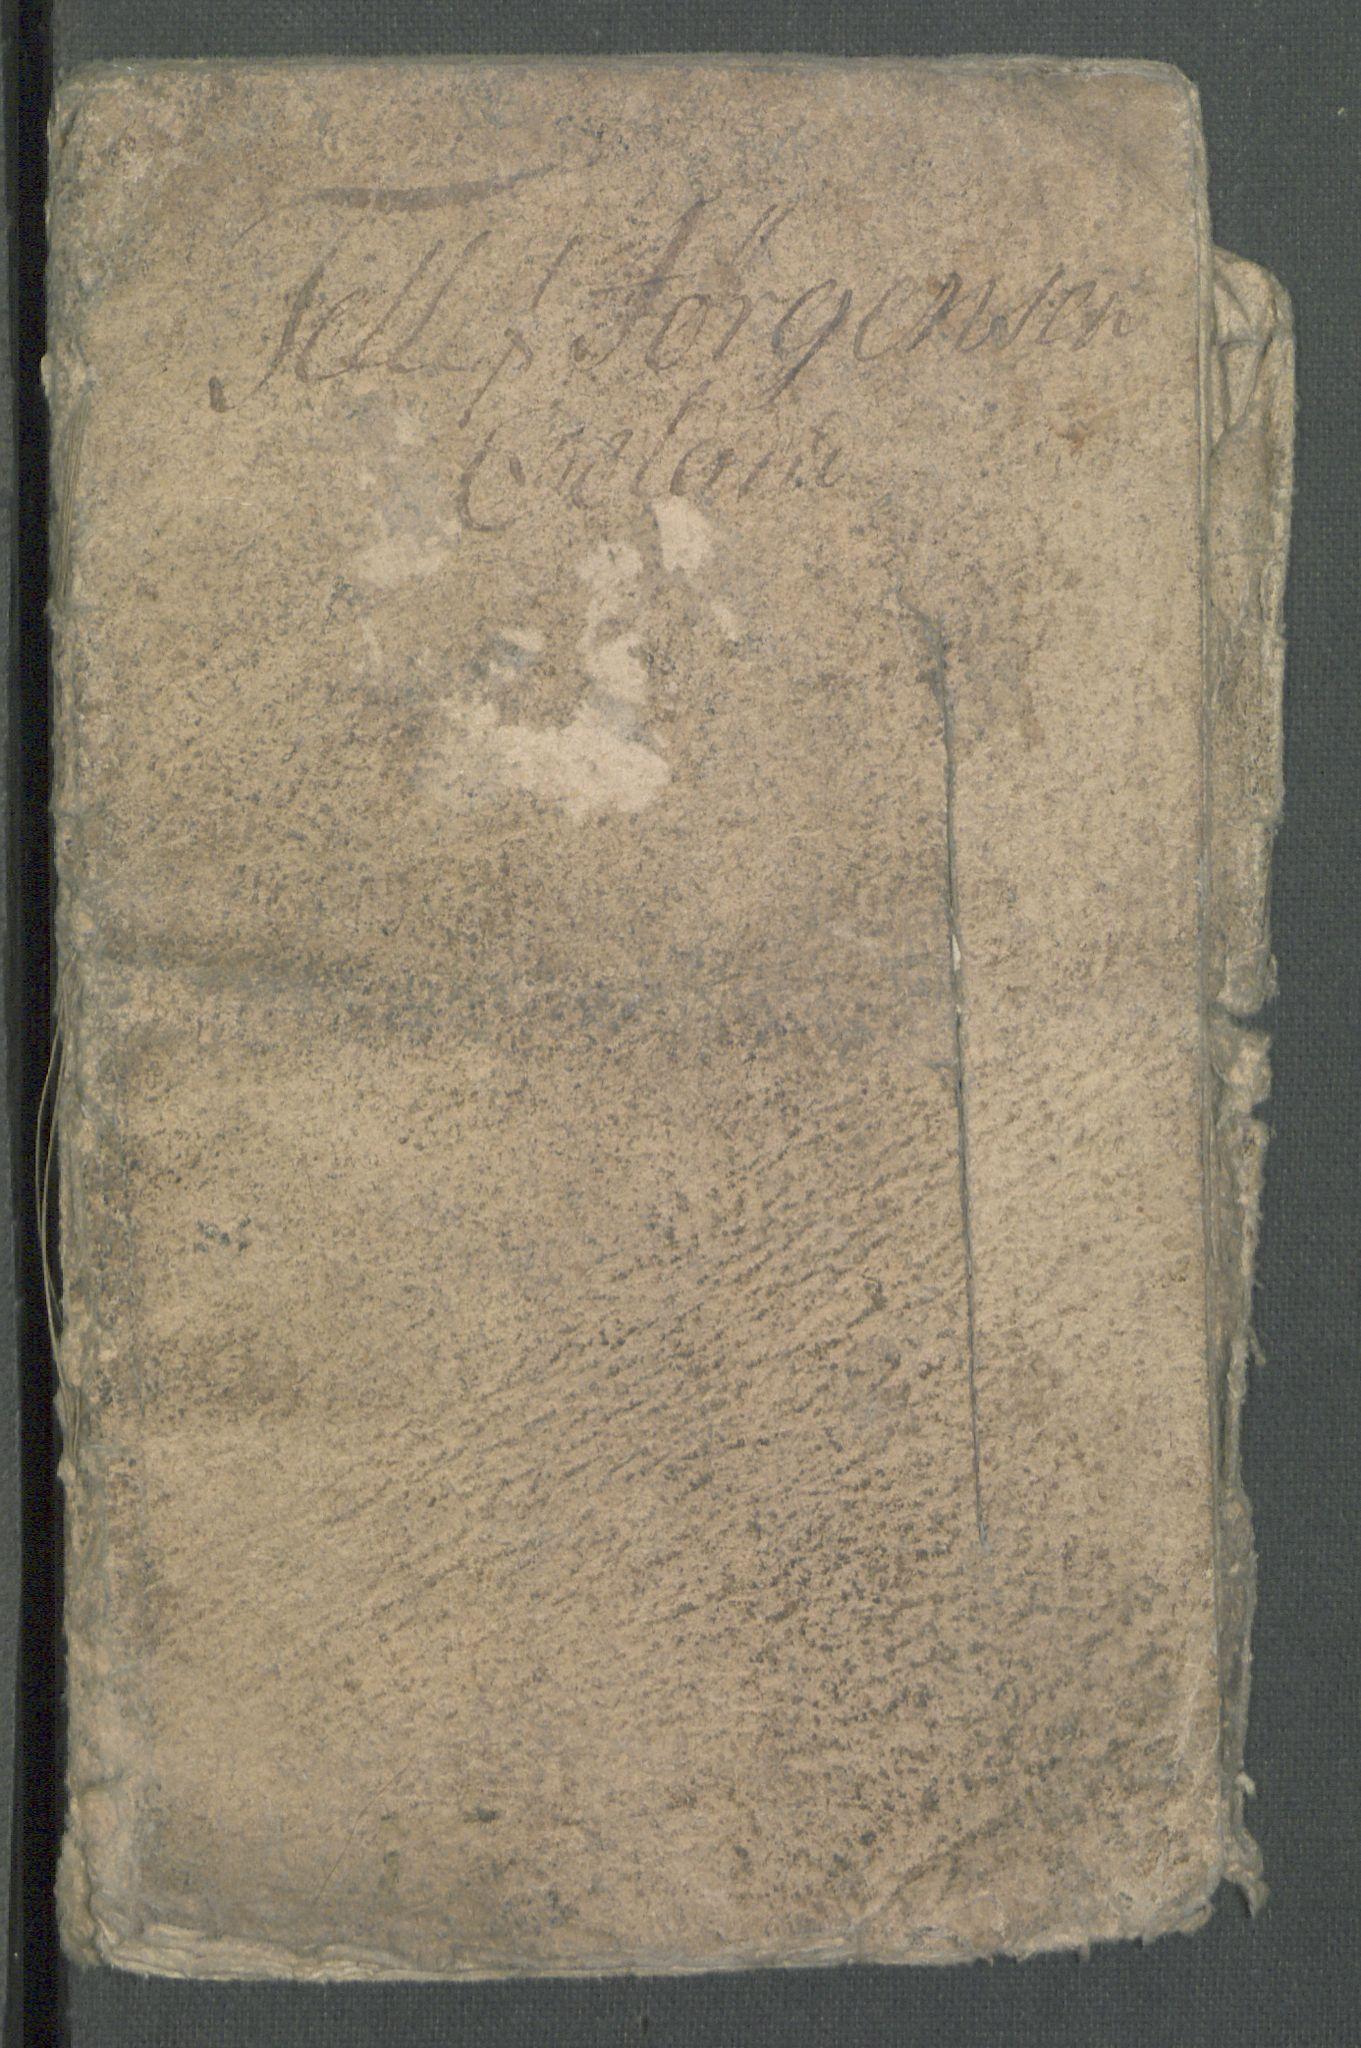 RA, Rentekammeret inntil 1814, Realistisk ordnet avdeling, Od/L0001: Oppløp, 1786-1769, s. 606